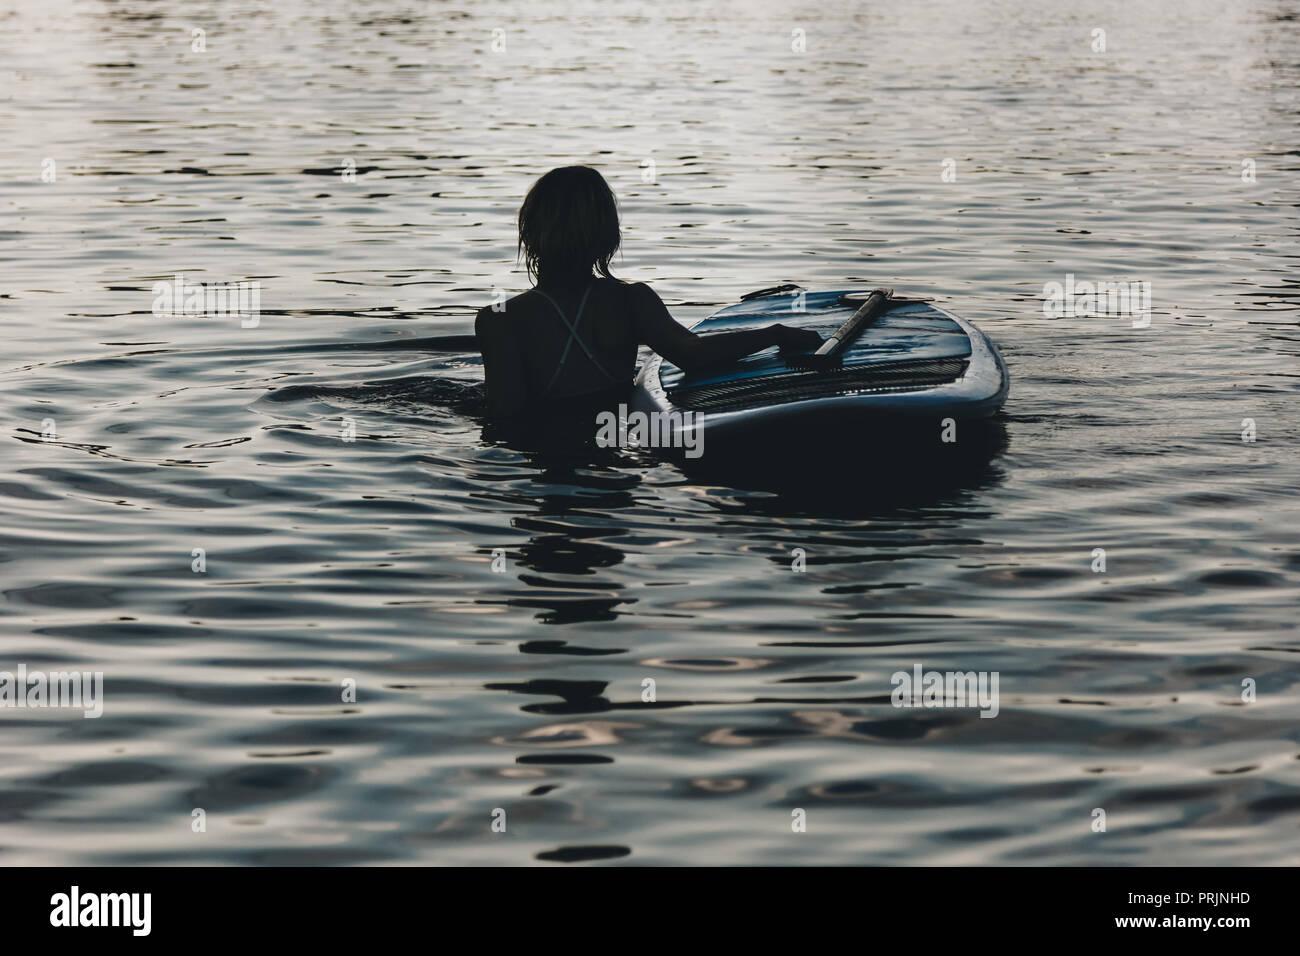 Silhouette einer Frau schwimmen im Wasser mit sup Board Stockbild